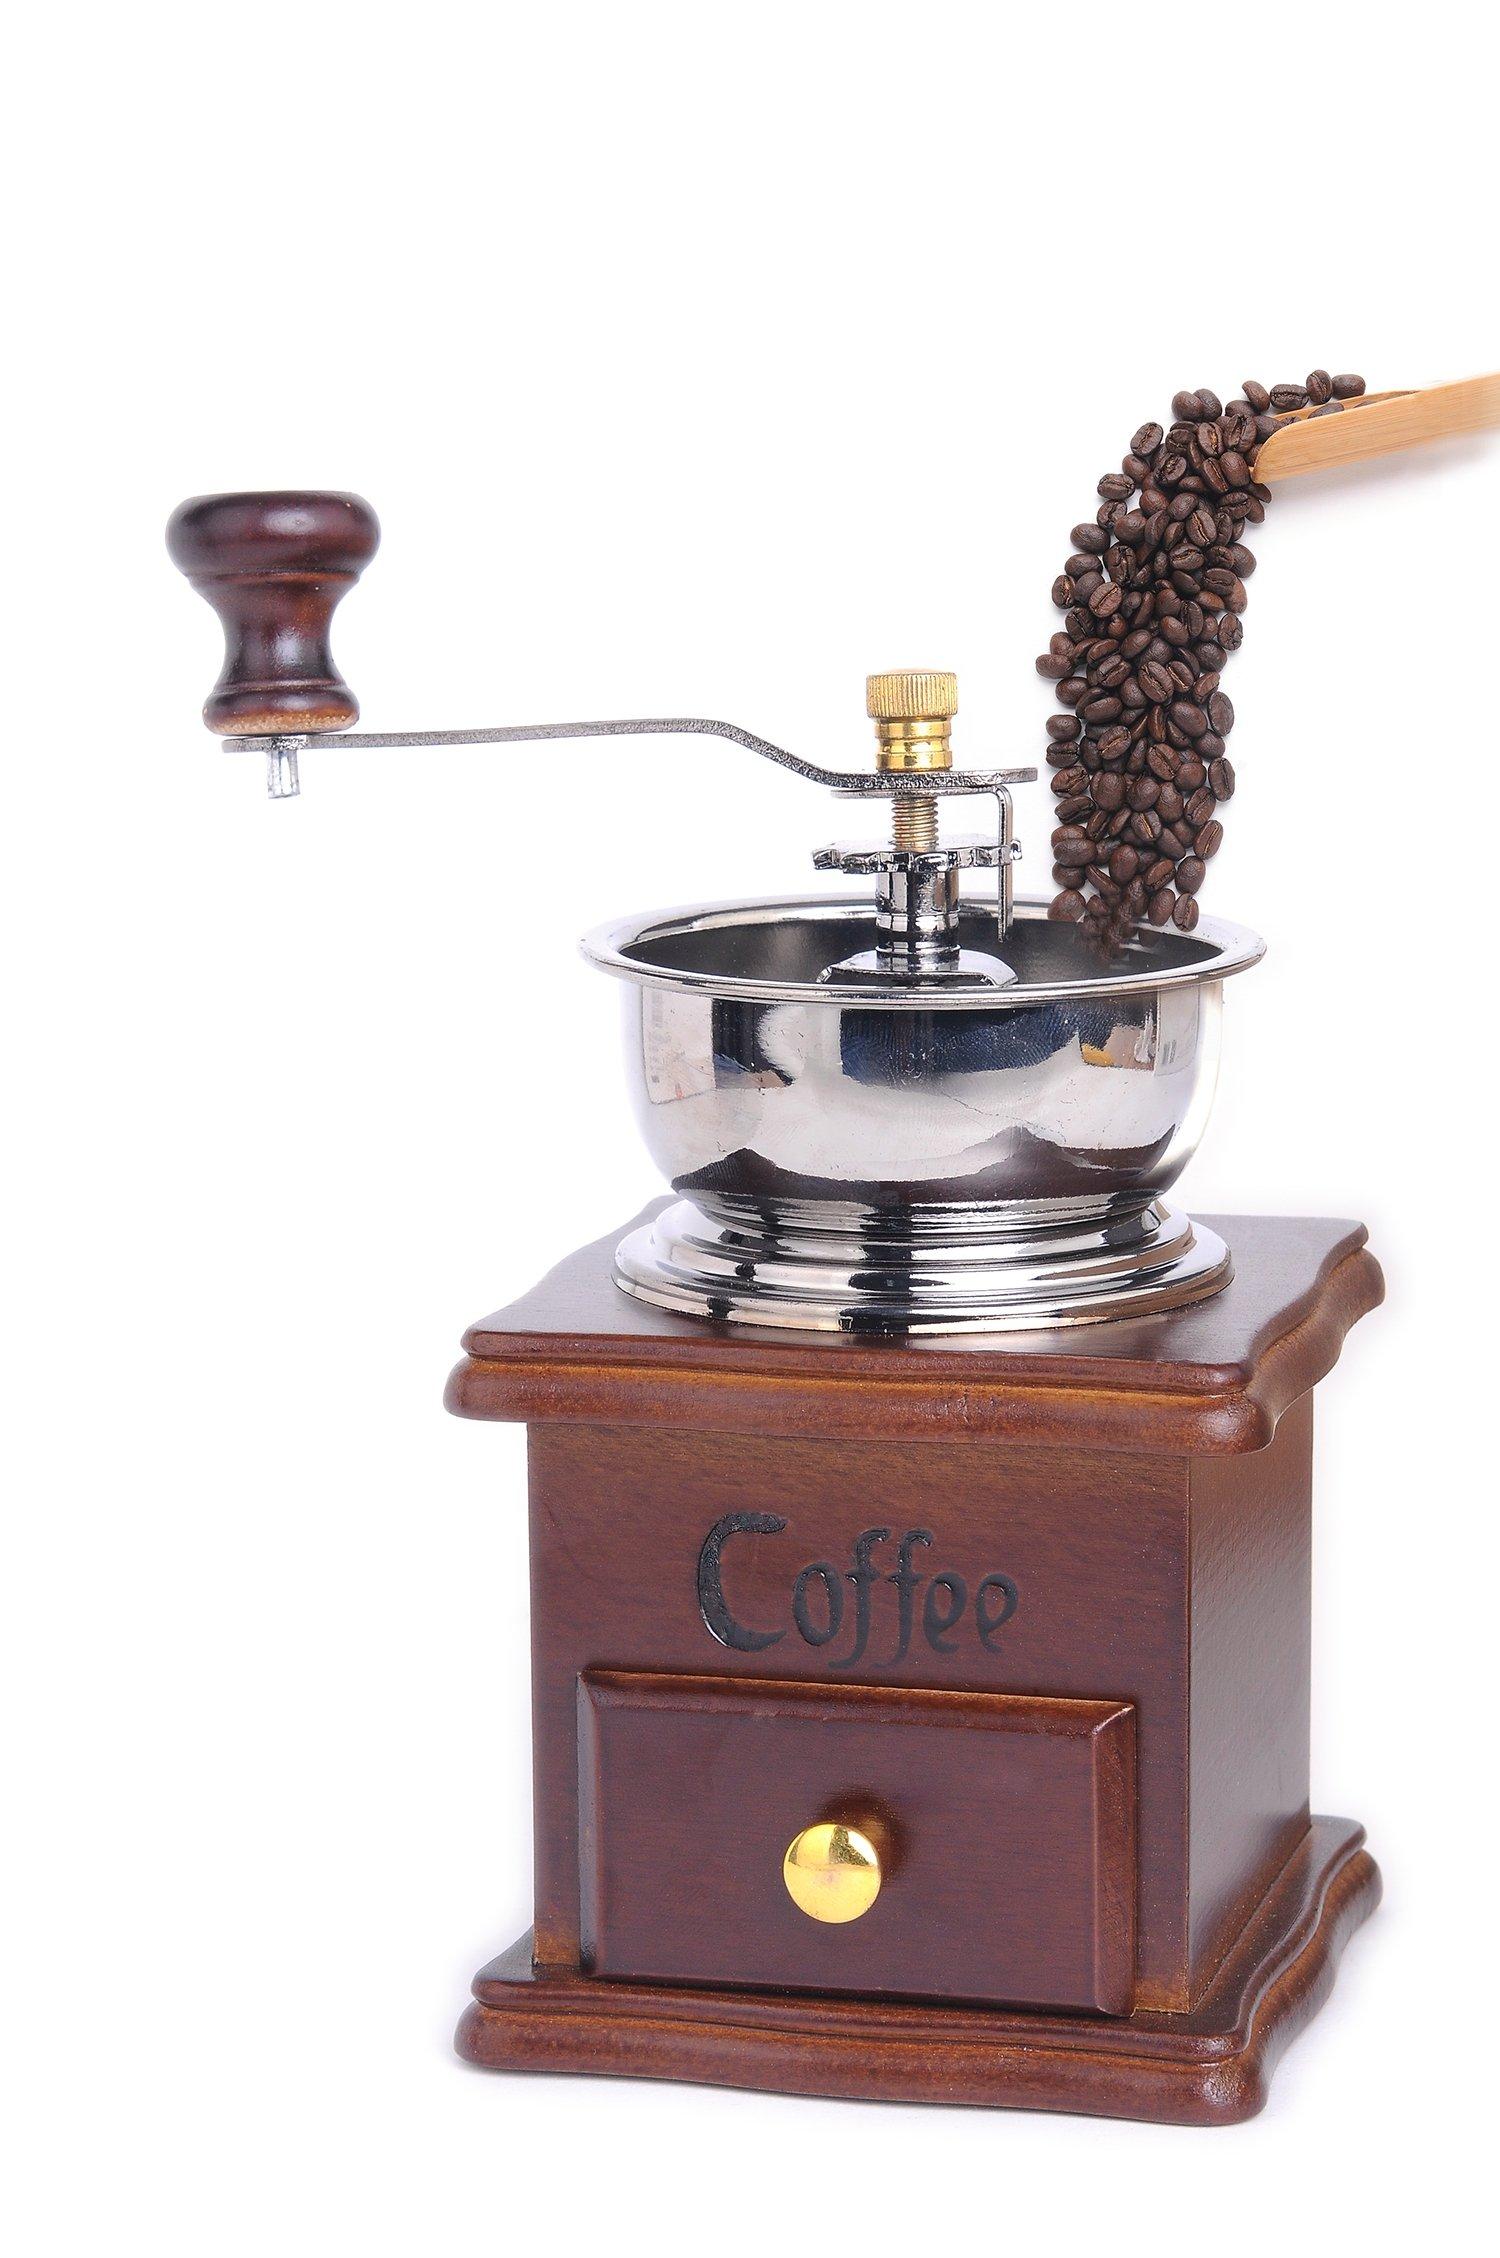 Jomin Manual Coffee Grinder Wooden Coffee Mill Grinder Premium Vintage Style Coffee Grain Burr Mill Machine Wooden Grinder By Jomin by Jomin